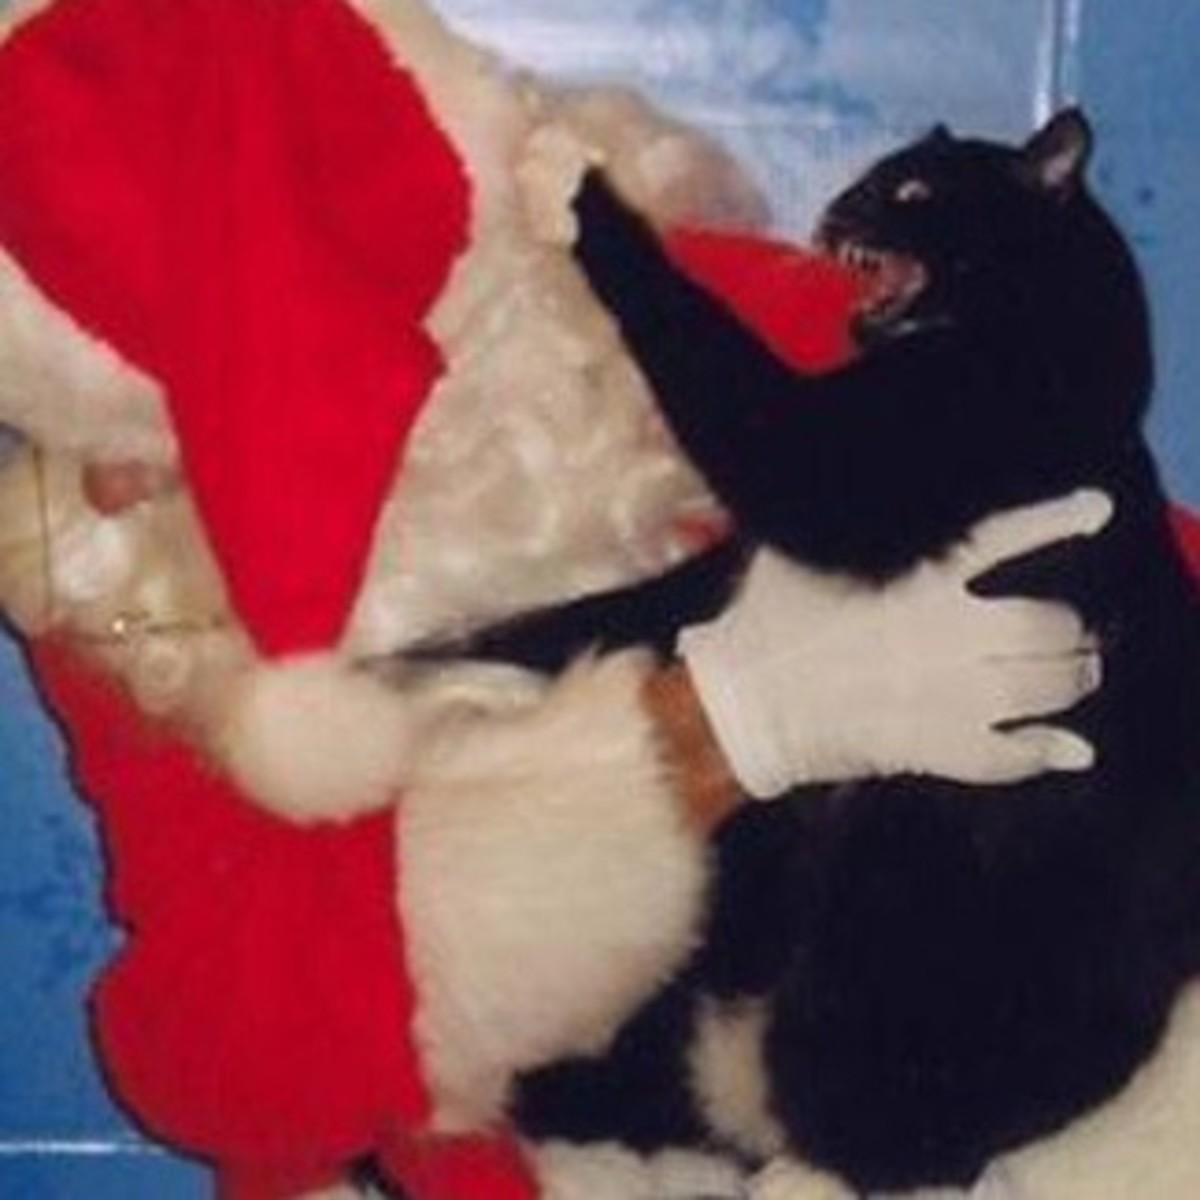 Cat attacks Santa Claus!